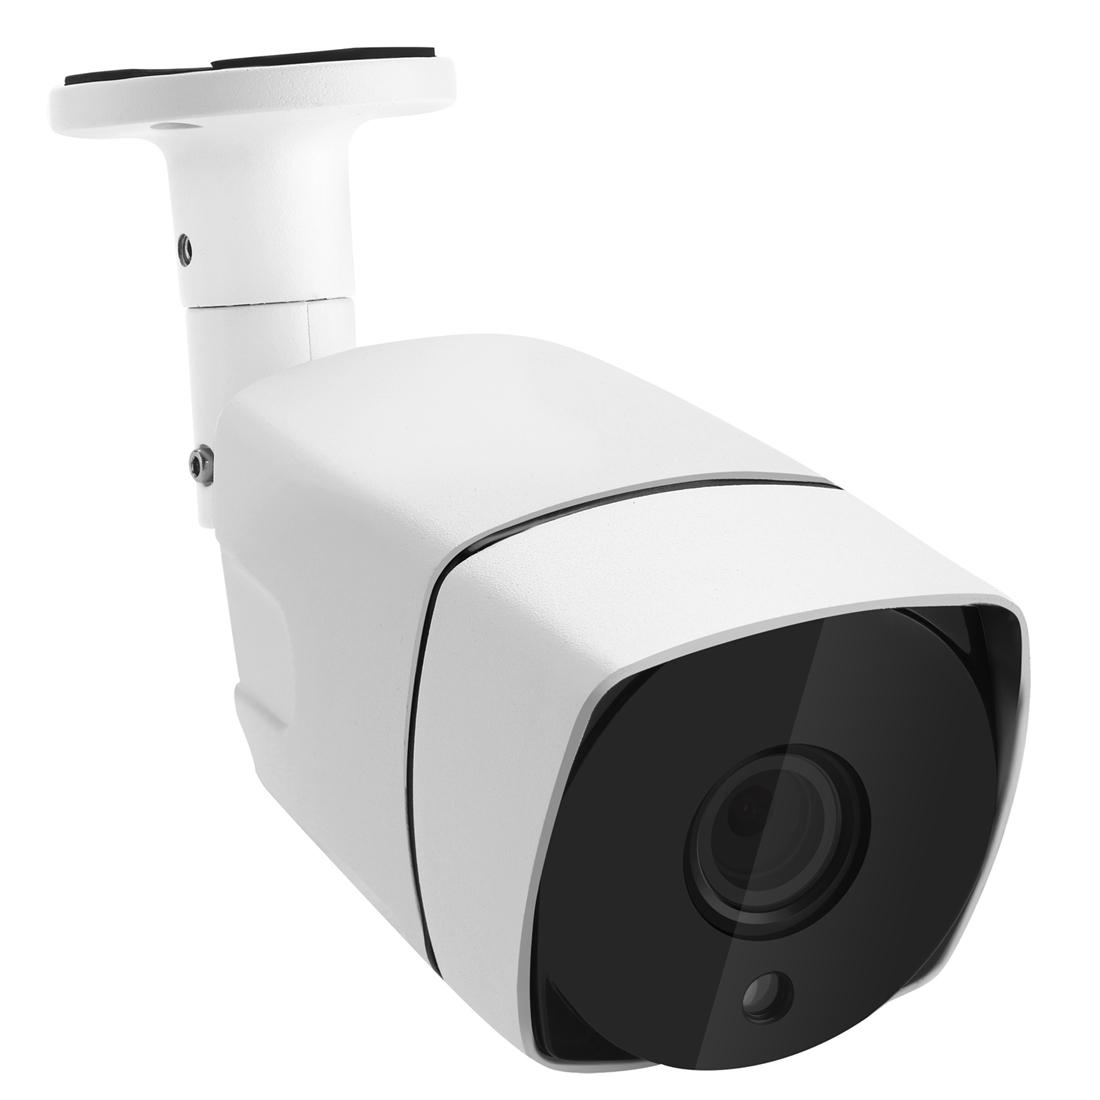 Cotier Tv 657h5 Ip Mf Poe Indoor Manual Focus 4x Zoom